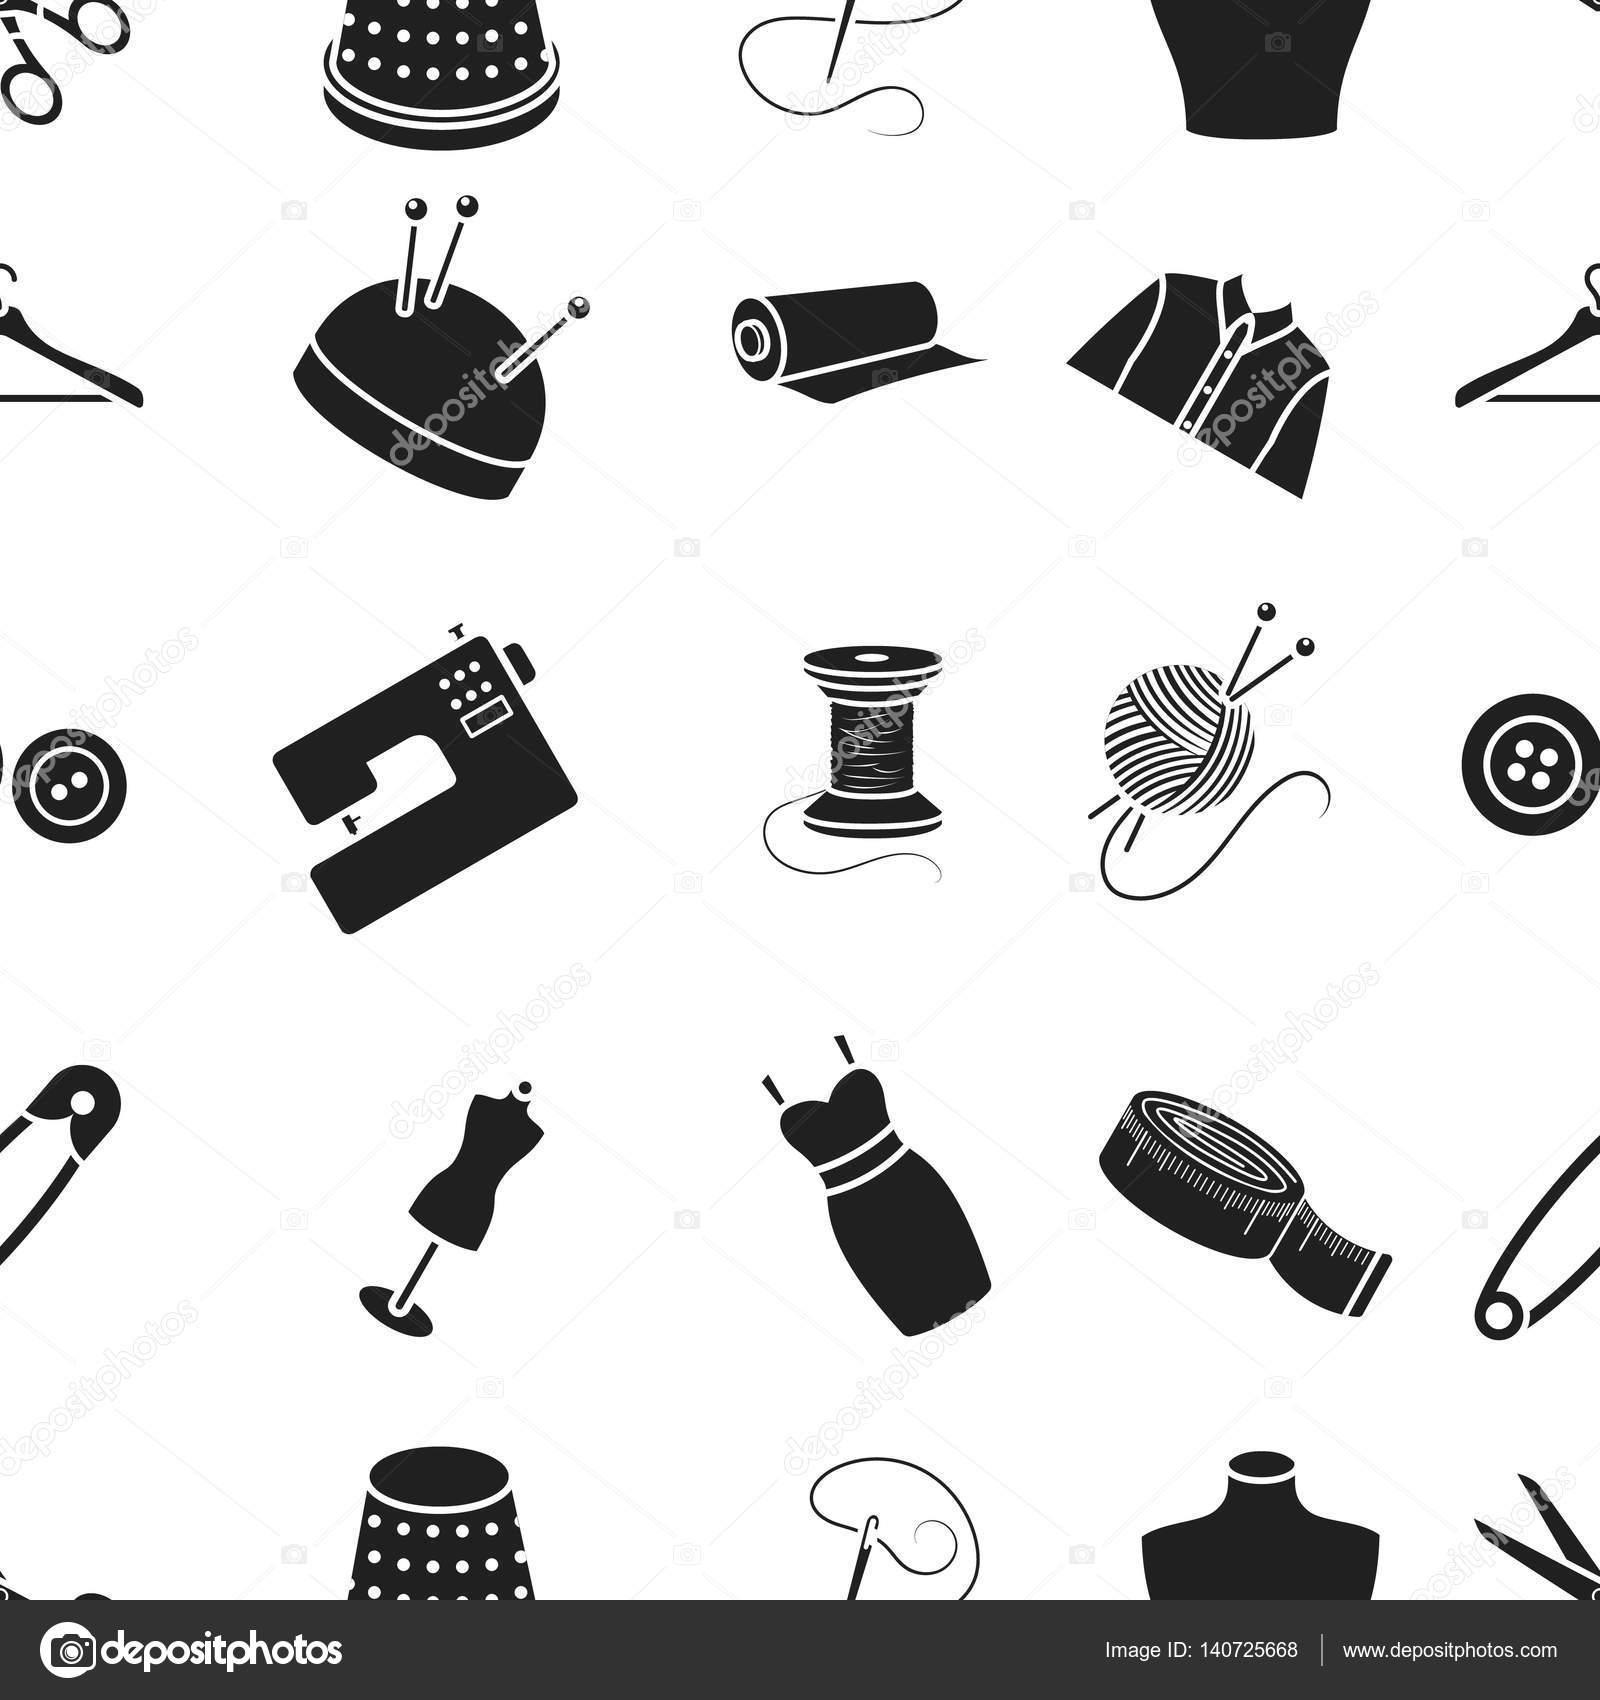 Atelie Muster Symbole im schwarzen Stil. Große Sammlung von Atelie ...